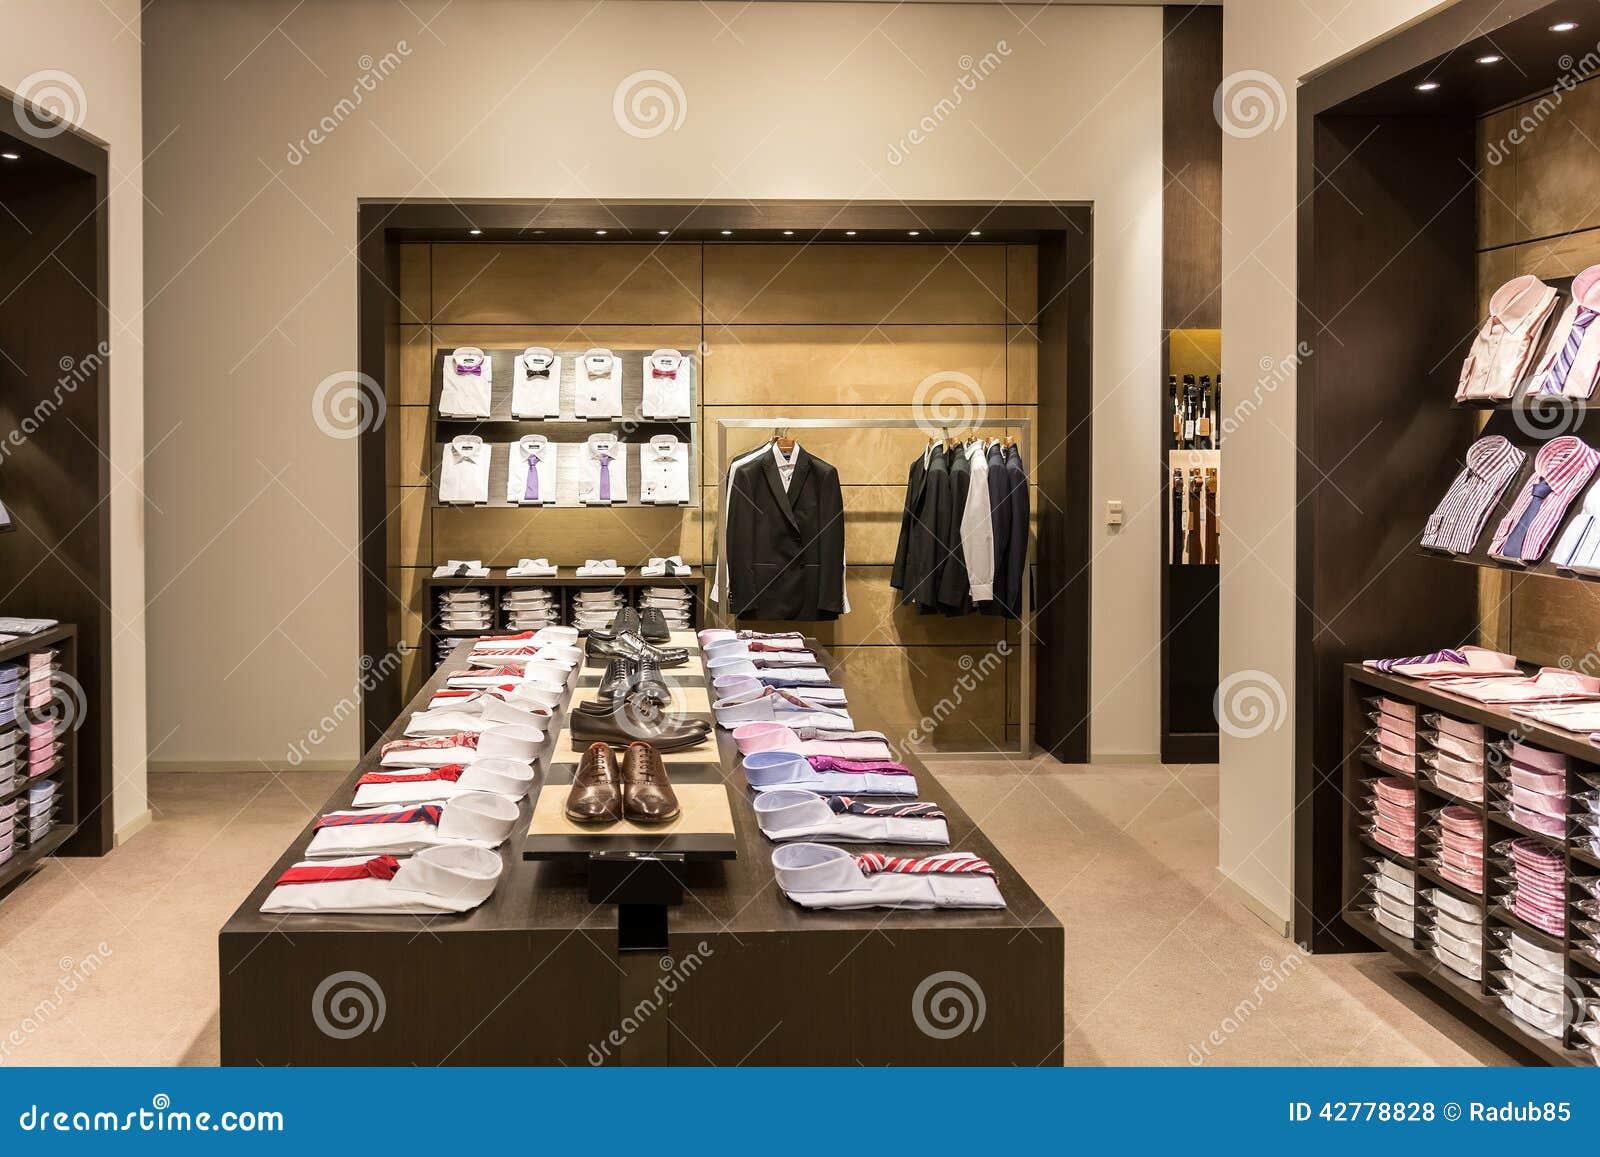 interior de la tienda de ropa de los hombres foto de archivo editorial imagen de visualizaci n. Black Bedroom Furniture Sets. Home Design Ideas